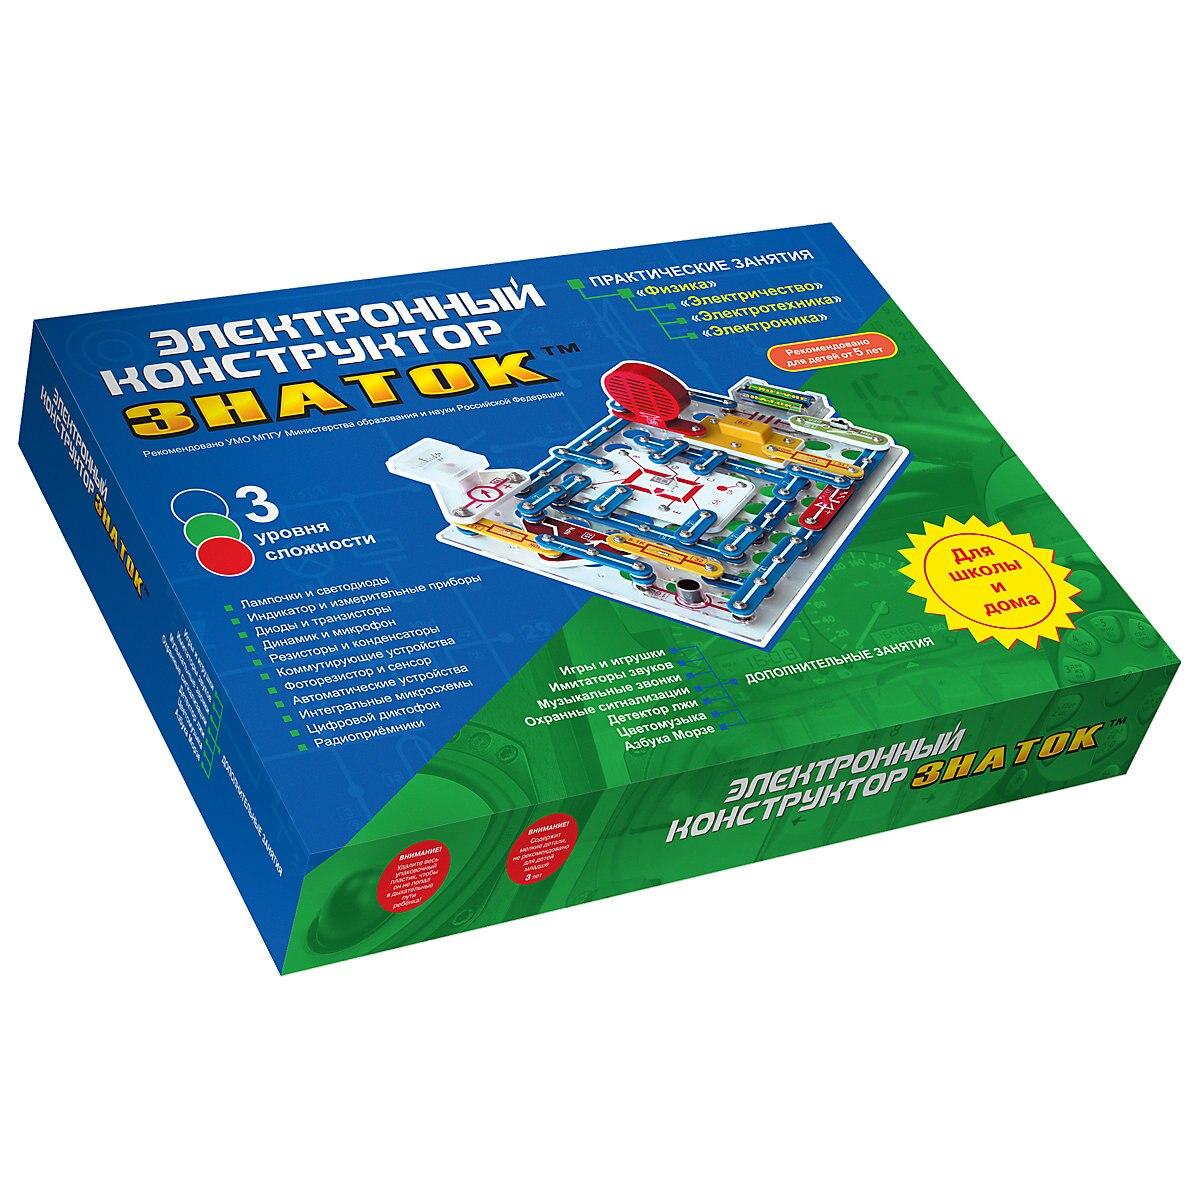 Znatok Robot Accessories1 3341228 giocattolo intelligente per i bambini della ragazza del ragazzo gioco del gioco elettronico giocattoli delle ragazze dei ragazzi Prefabbricata Modello MTpromo